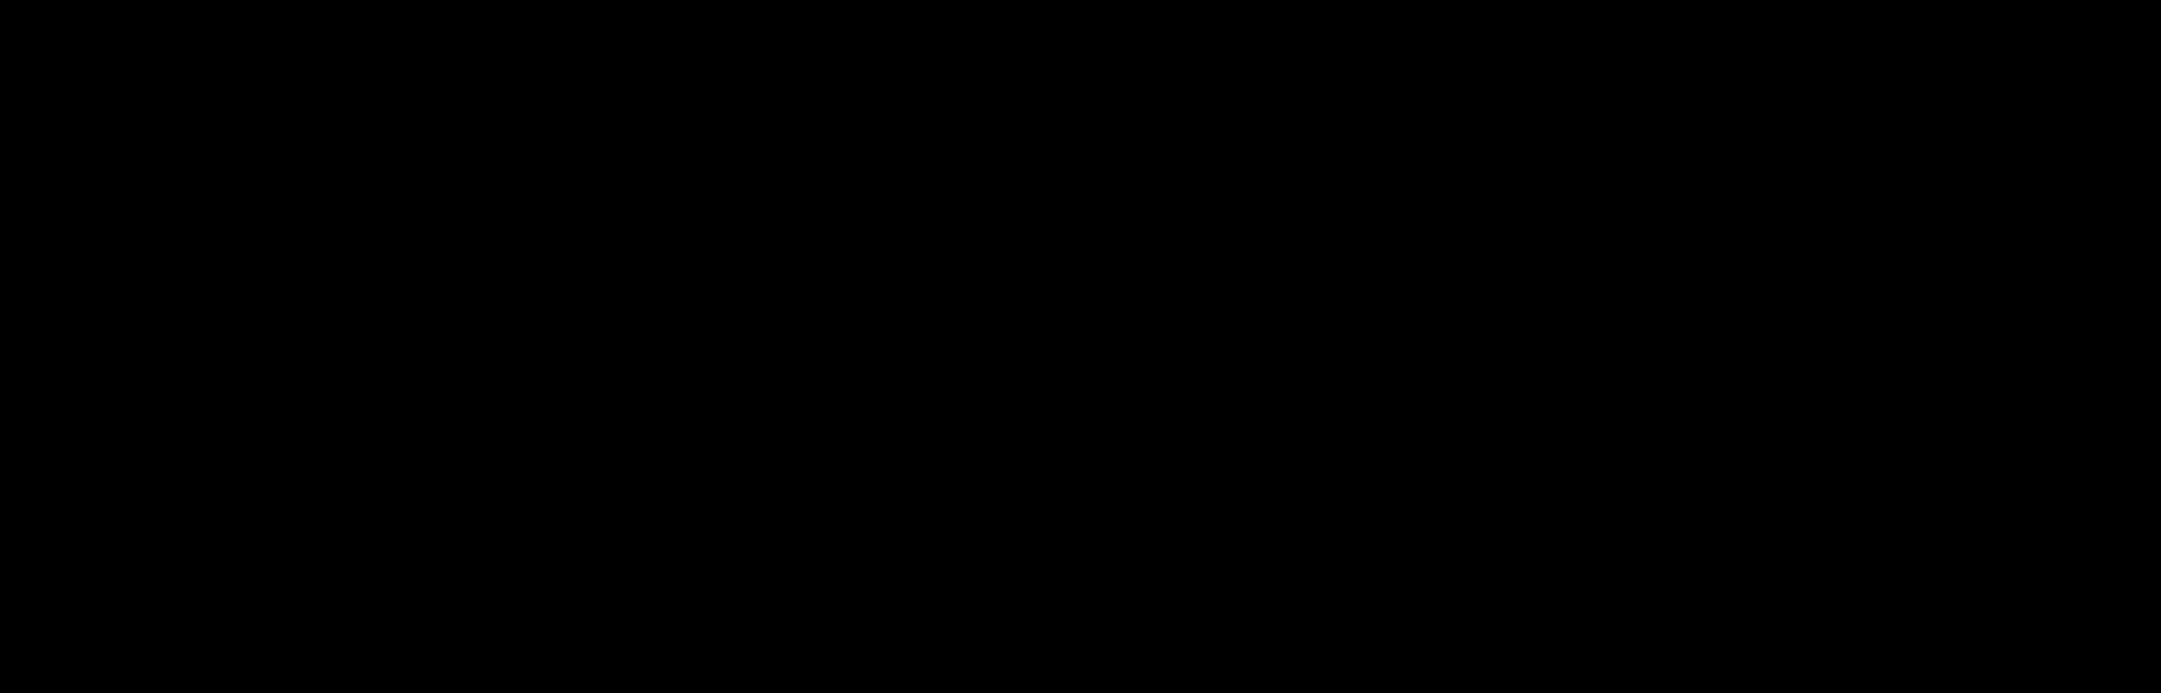 词云图,文字云图,心理讲座 枕头大战 OH卡牌 曼陀罗绘画 心理沙龙 游园会 心理咨询 心理电影 心理游戏